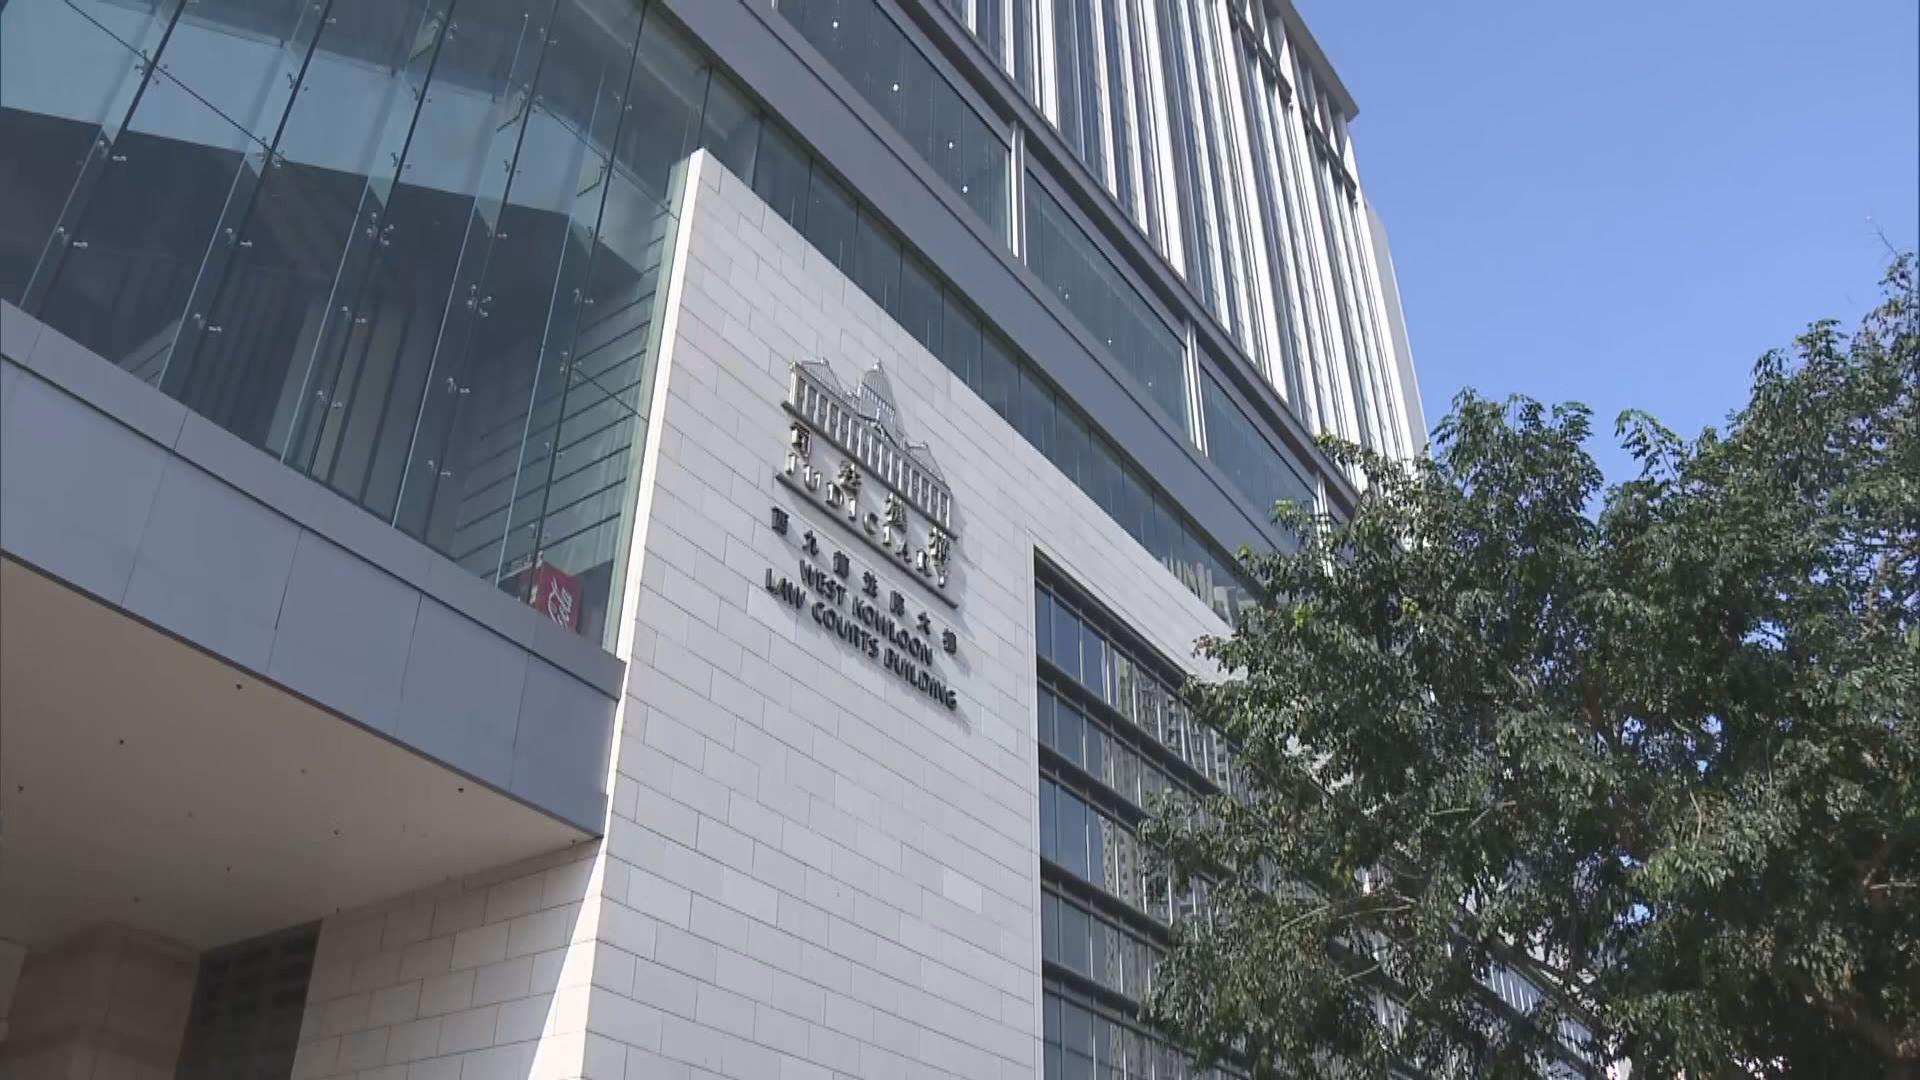 梁凌杰死因研訊 警員稱太古廣場工地無警告不可進入